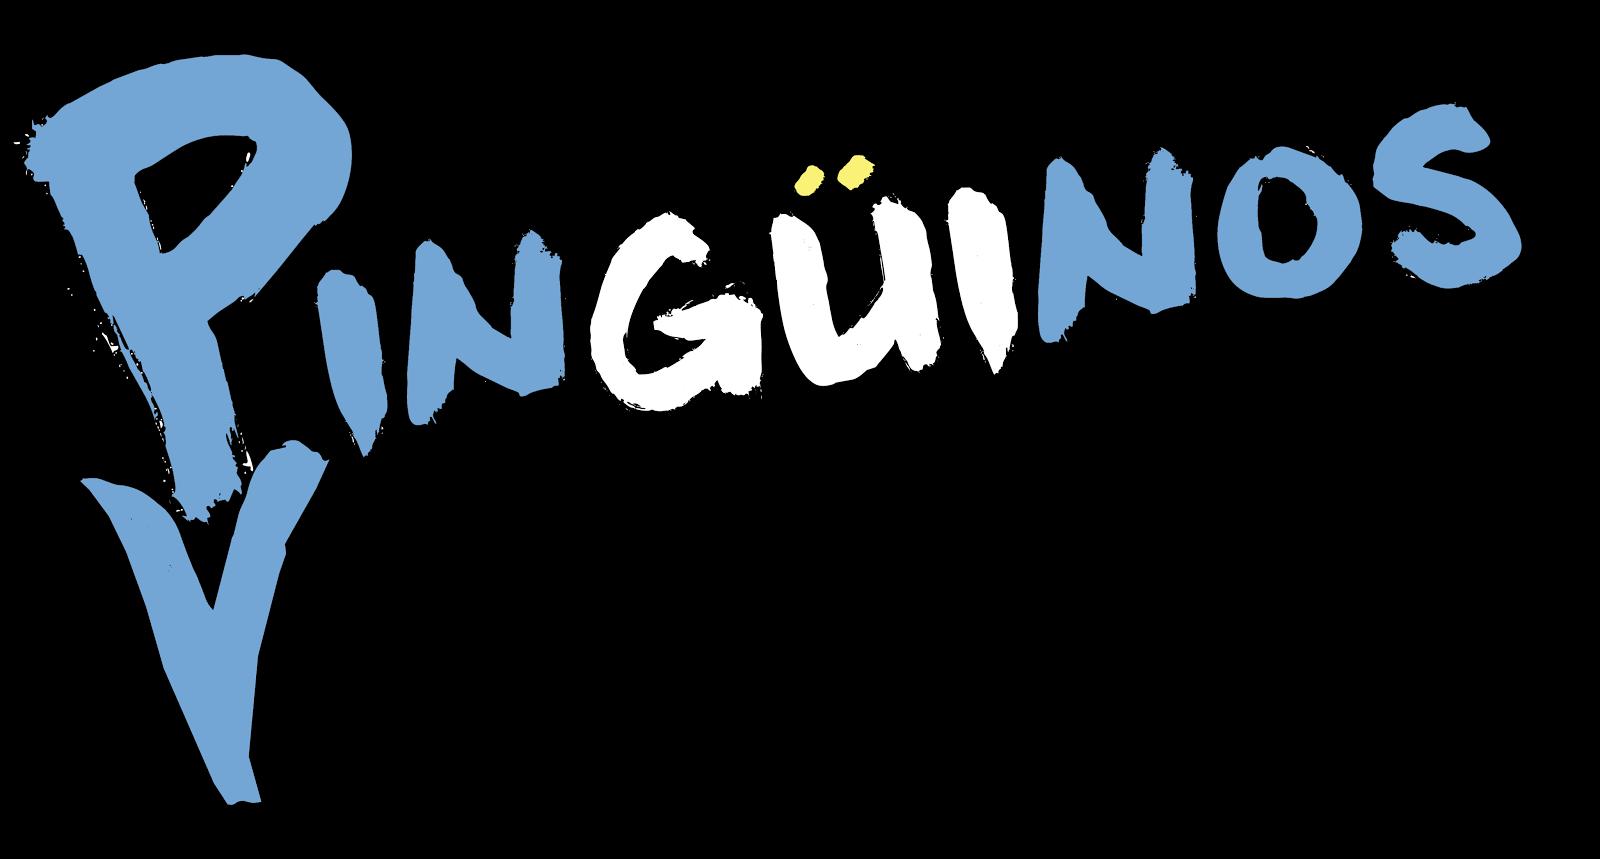 Dale click al logo de Pingüinos